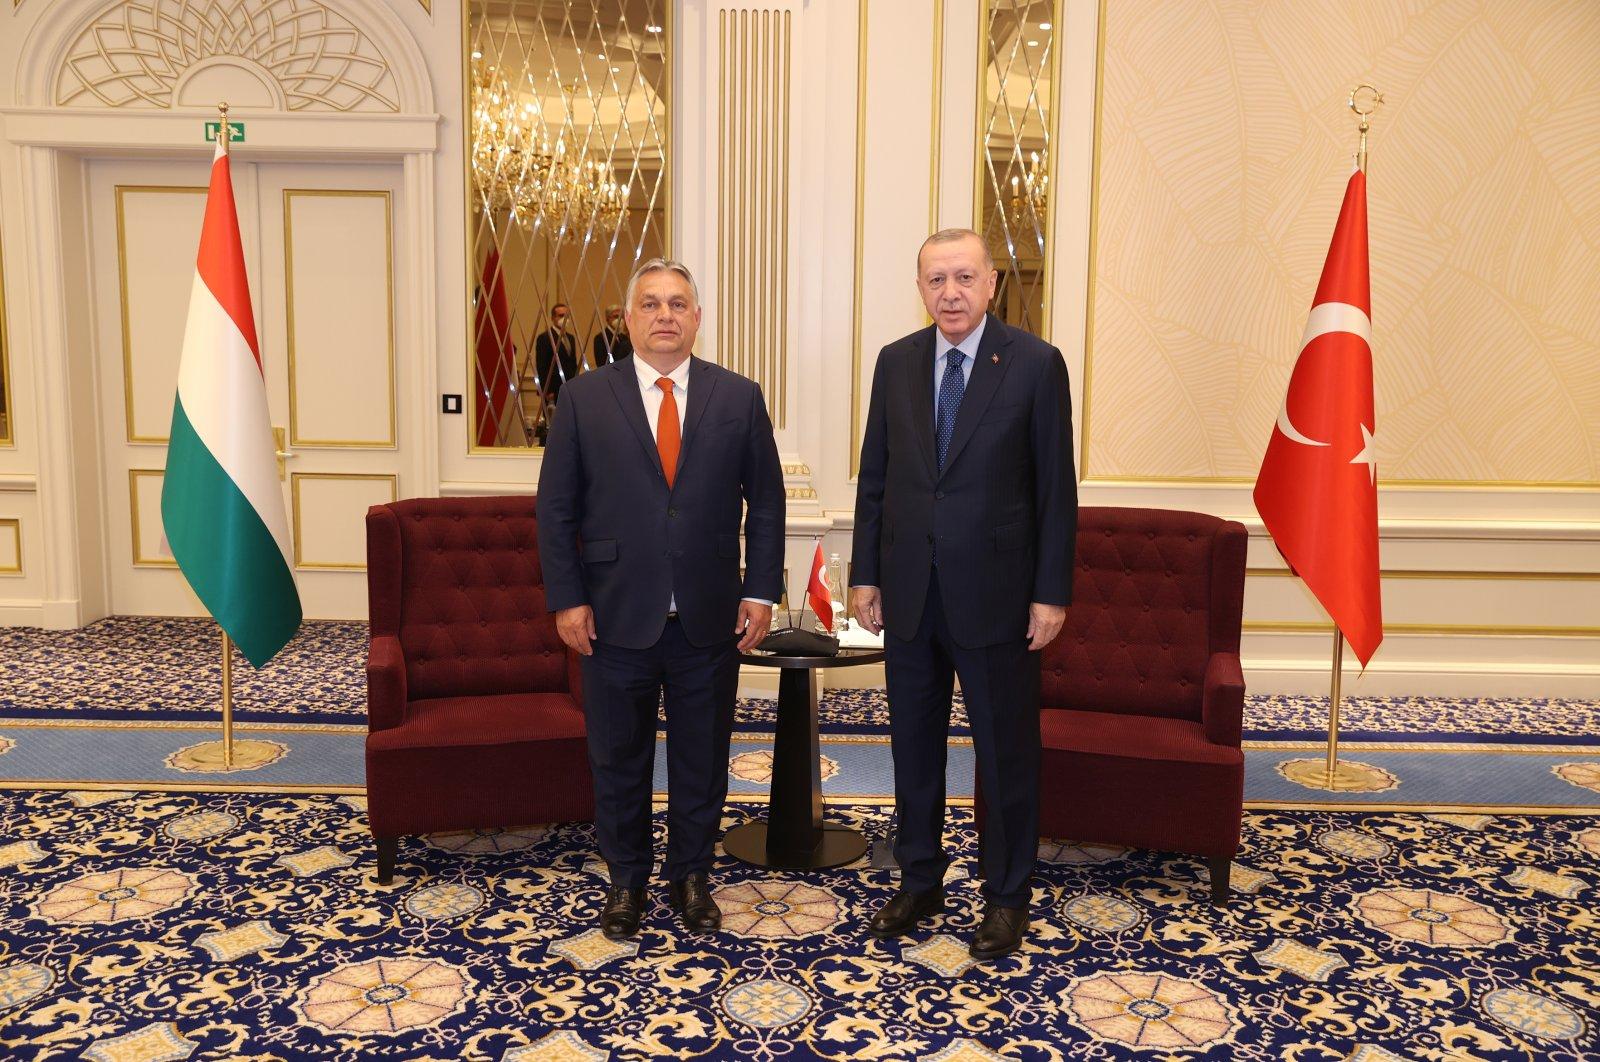 Turkey's Erdoğan meets Hungarian, Lithuanian leaders in Brussels